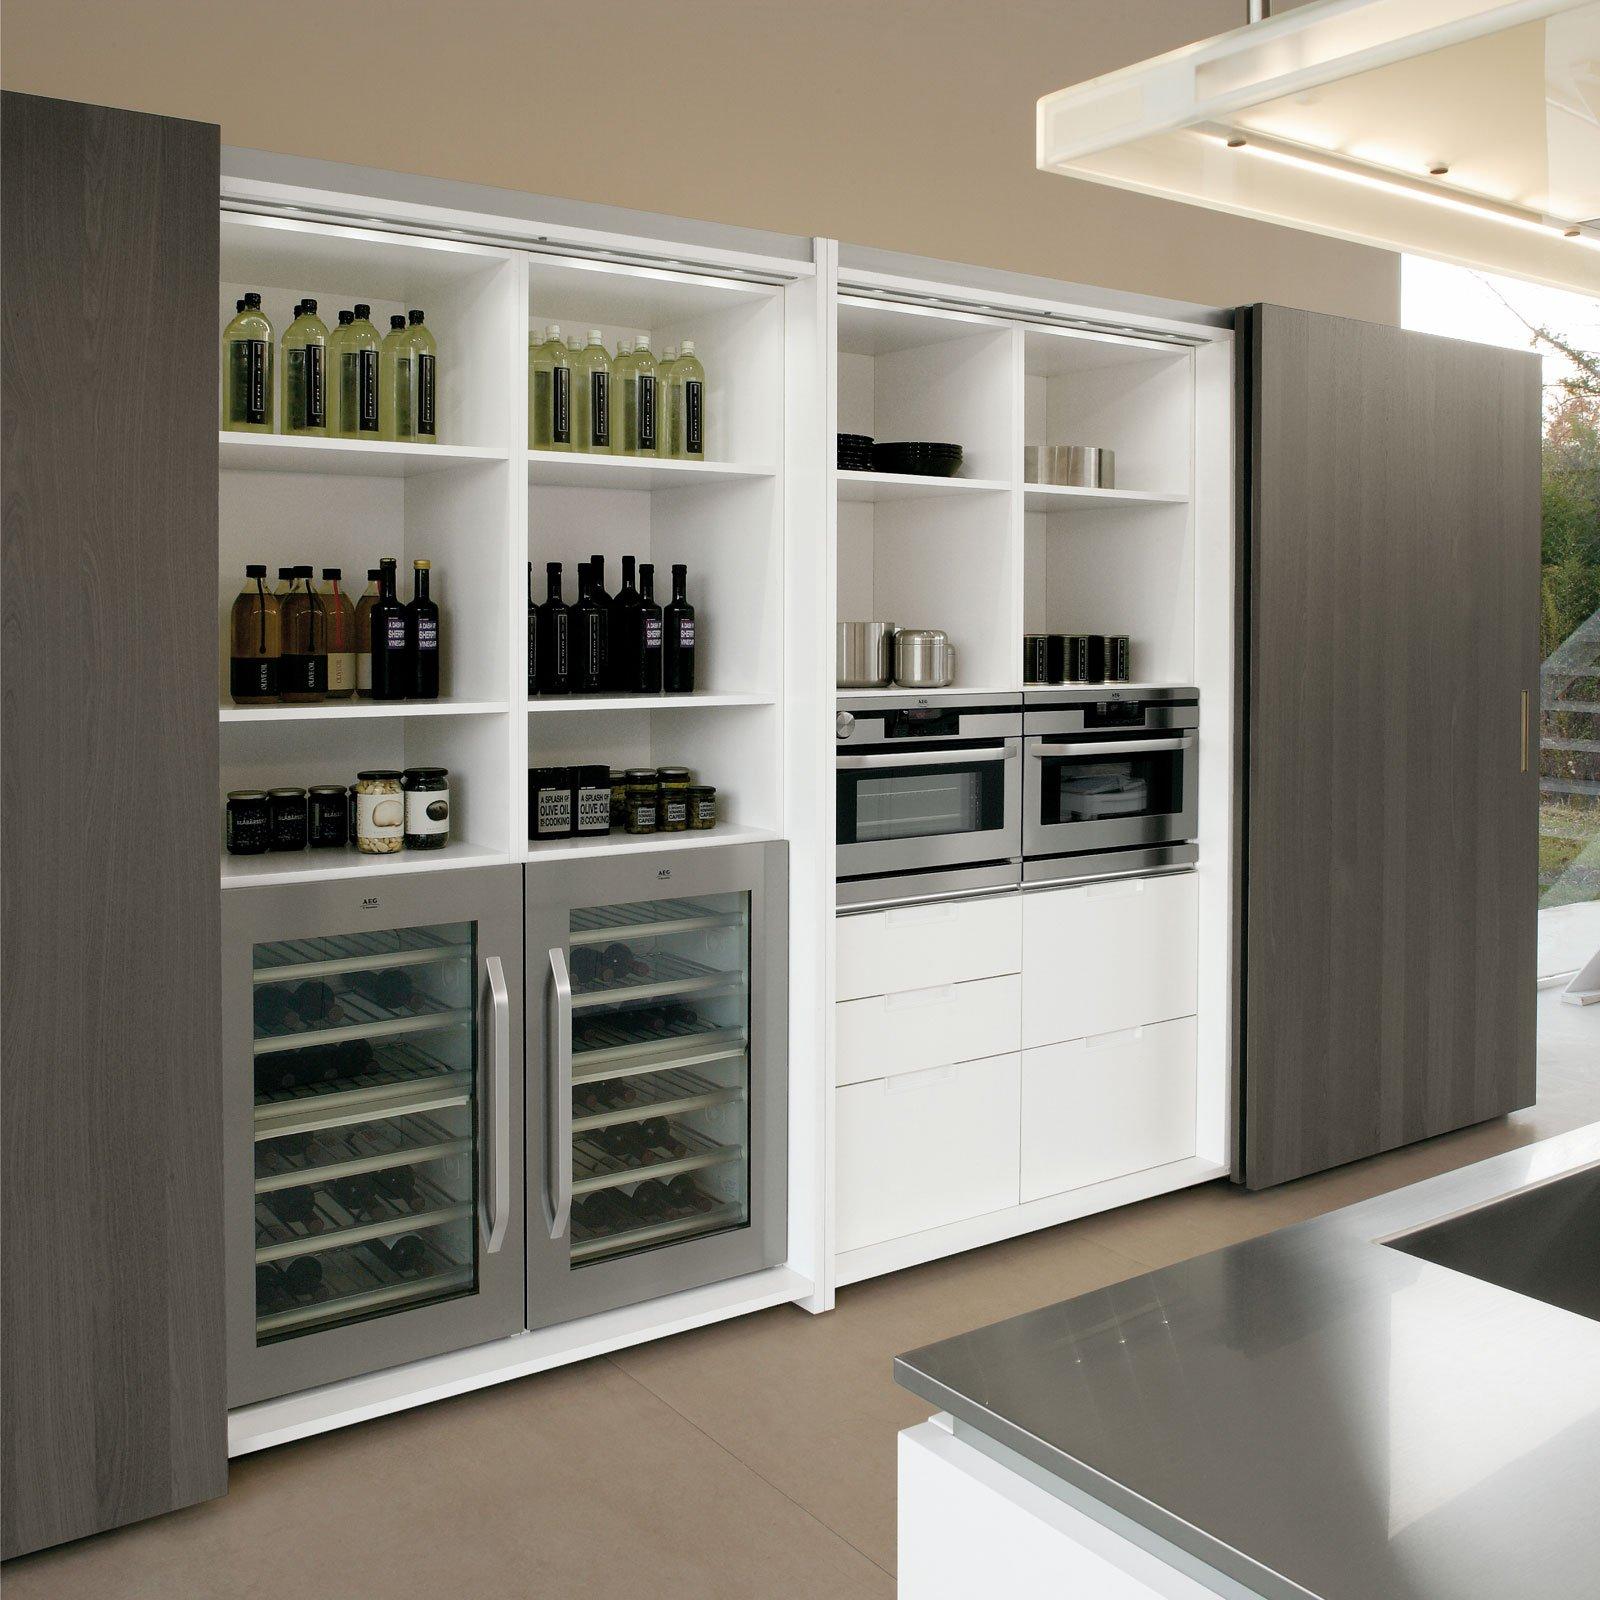 Armadio Dispensa Da Cucina Ikea ~ Trova le Migliori idee per ...